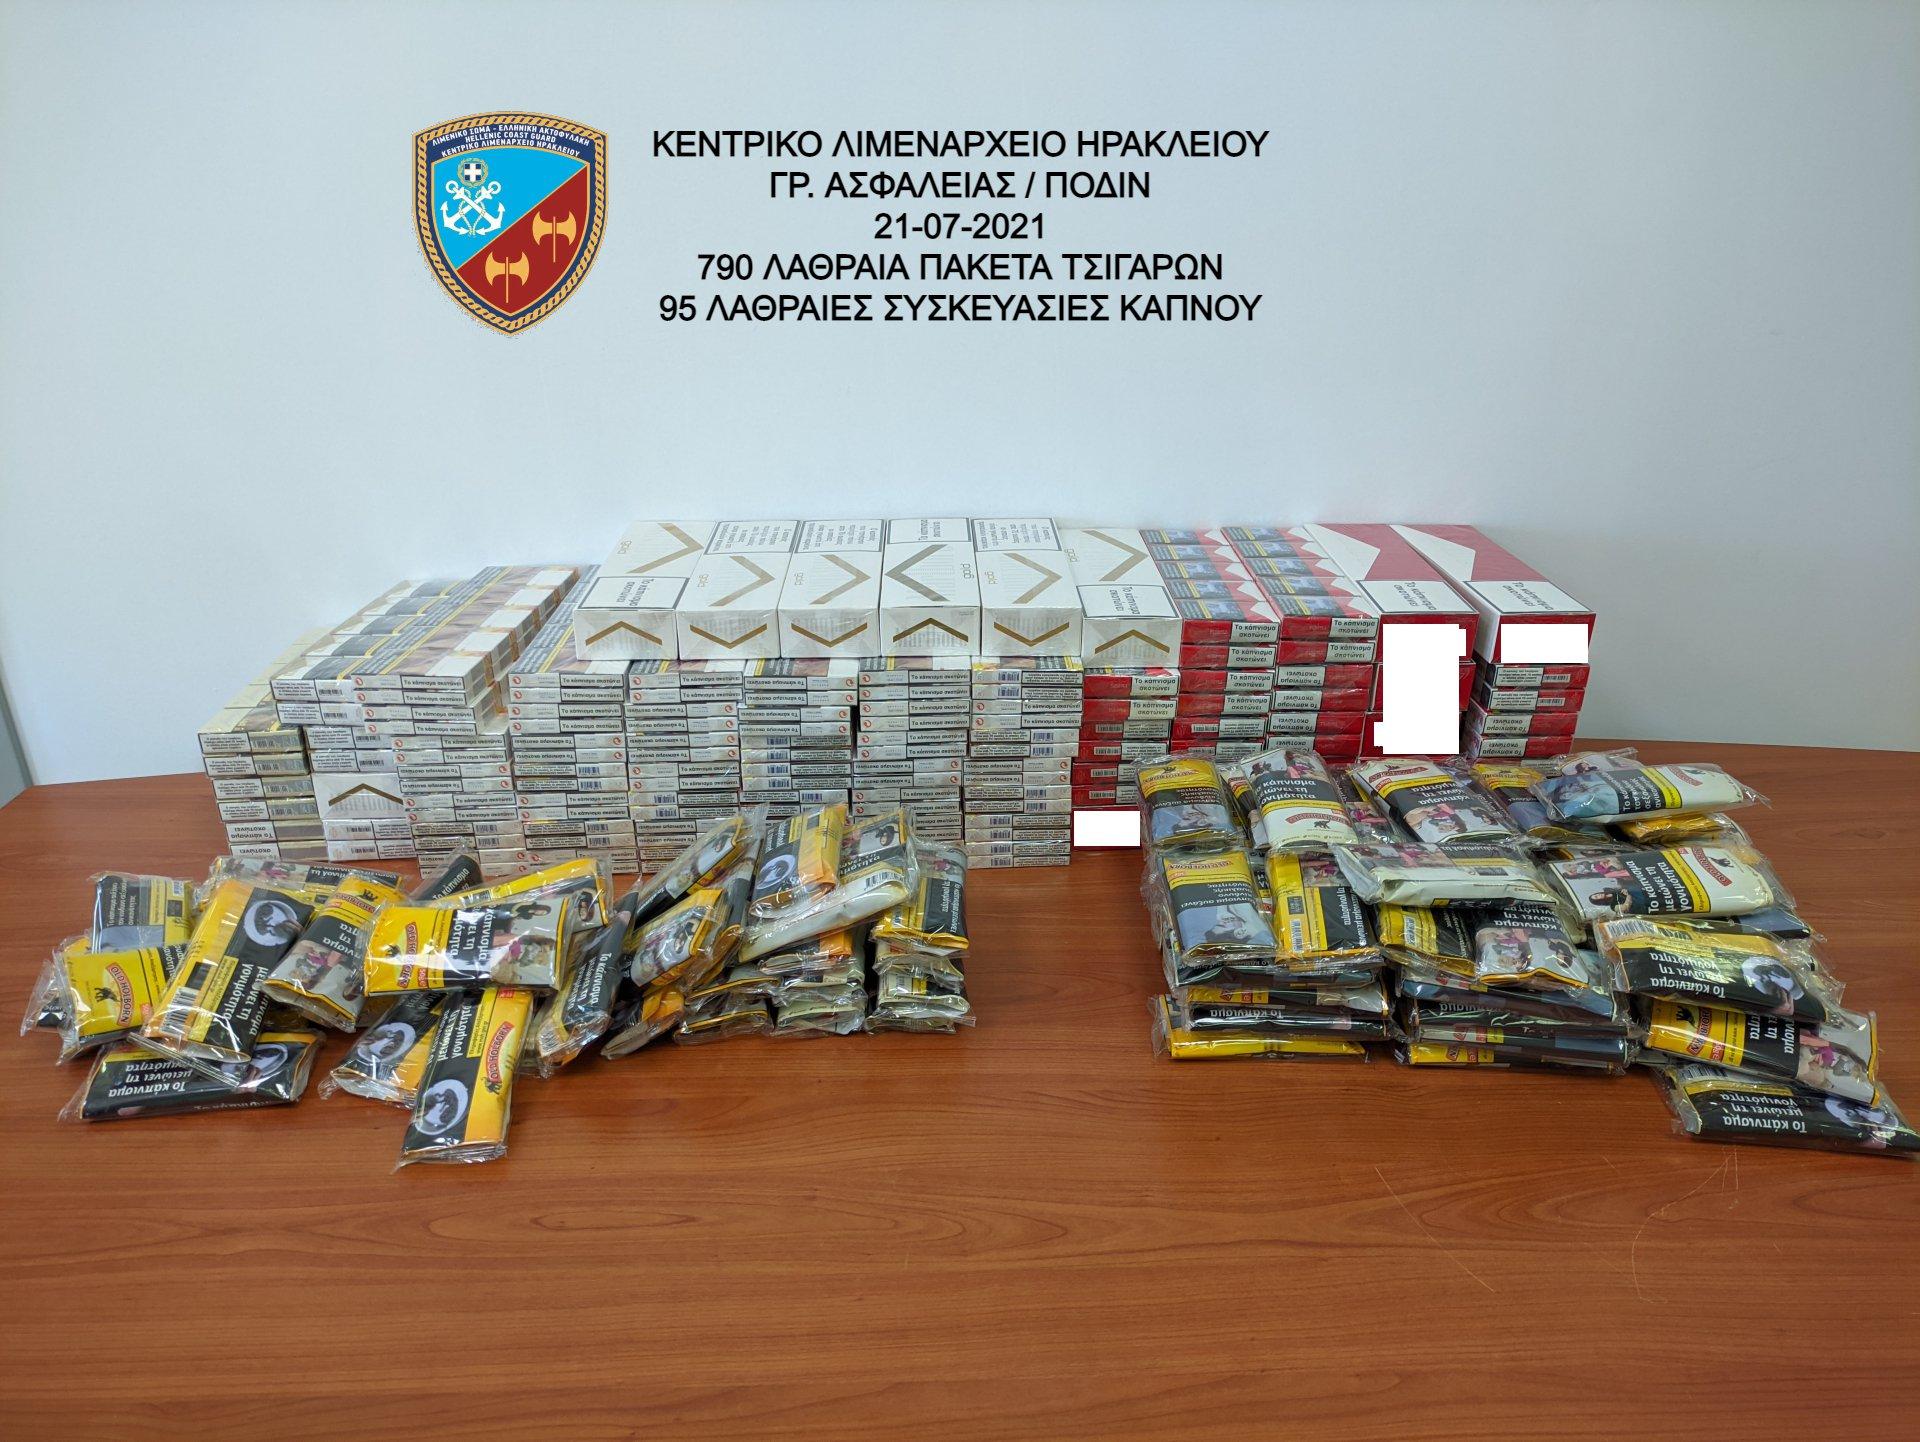 Κρήτη: Συνελήφθη 38χρονος με σχεδόν... 800 πακέτα λαθραία τσιγάρα